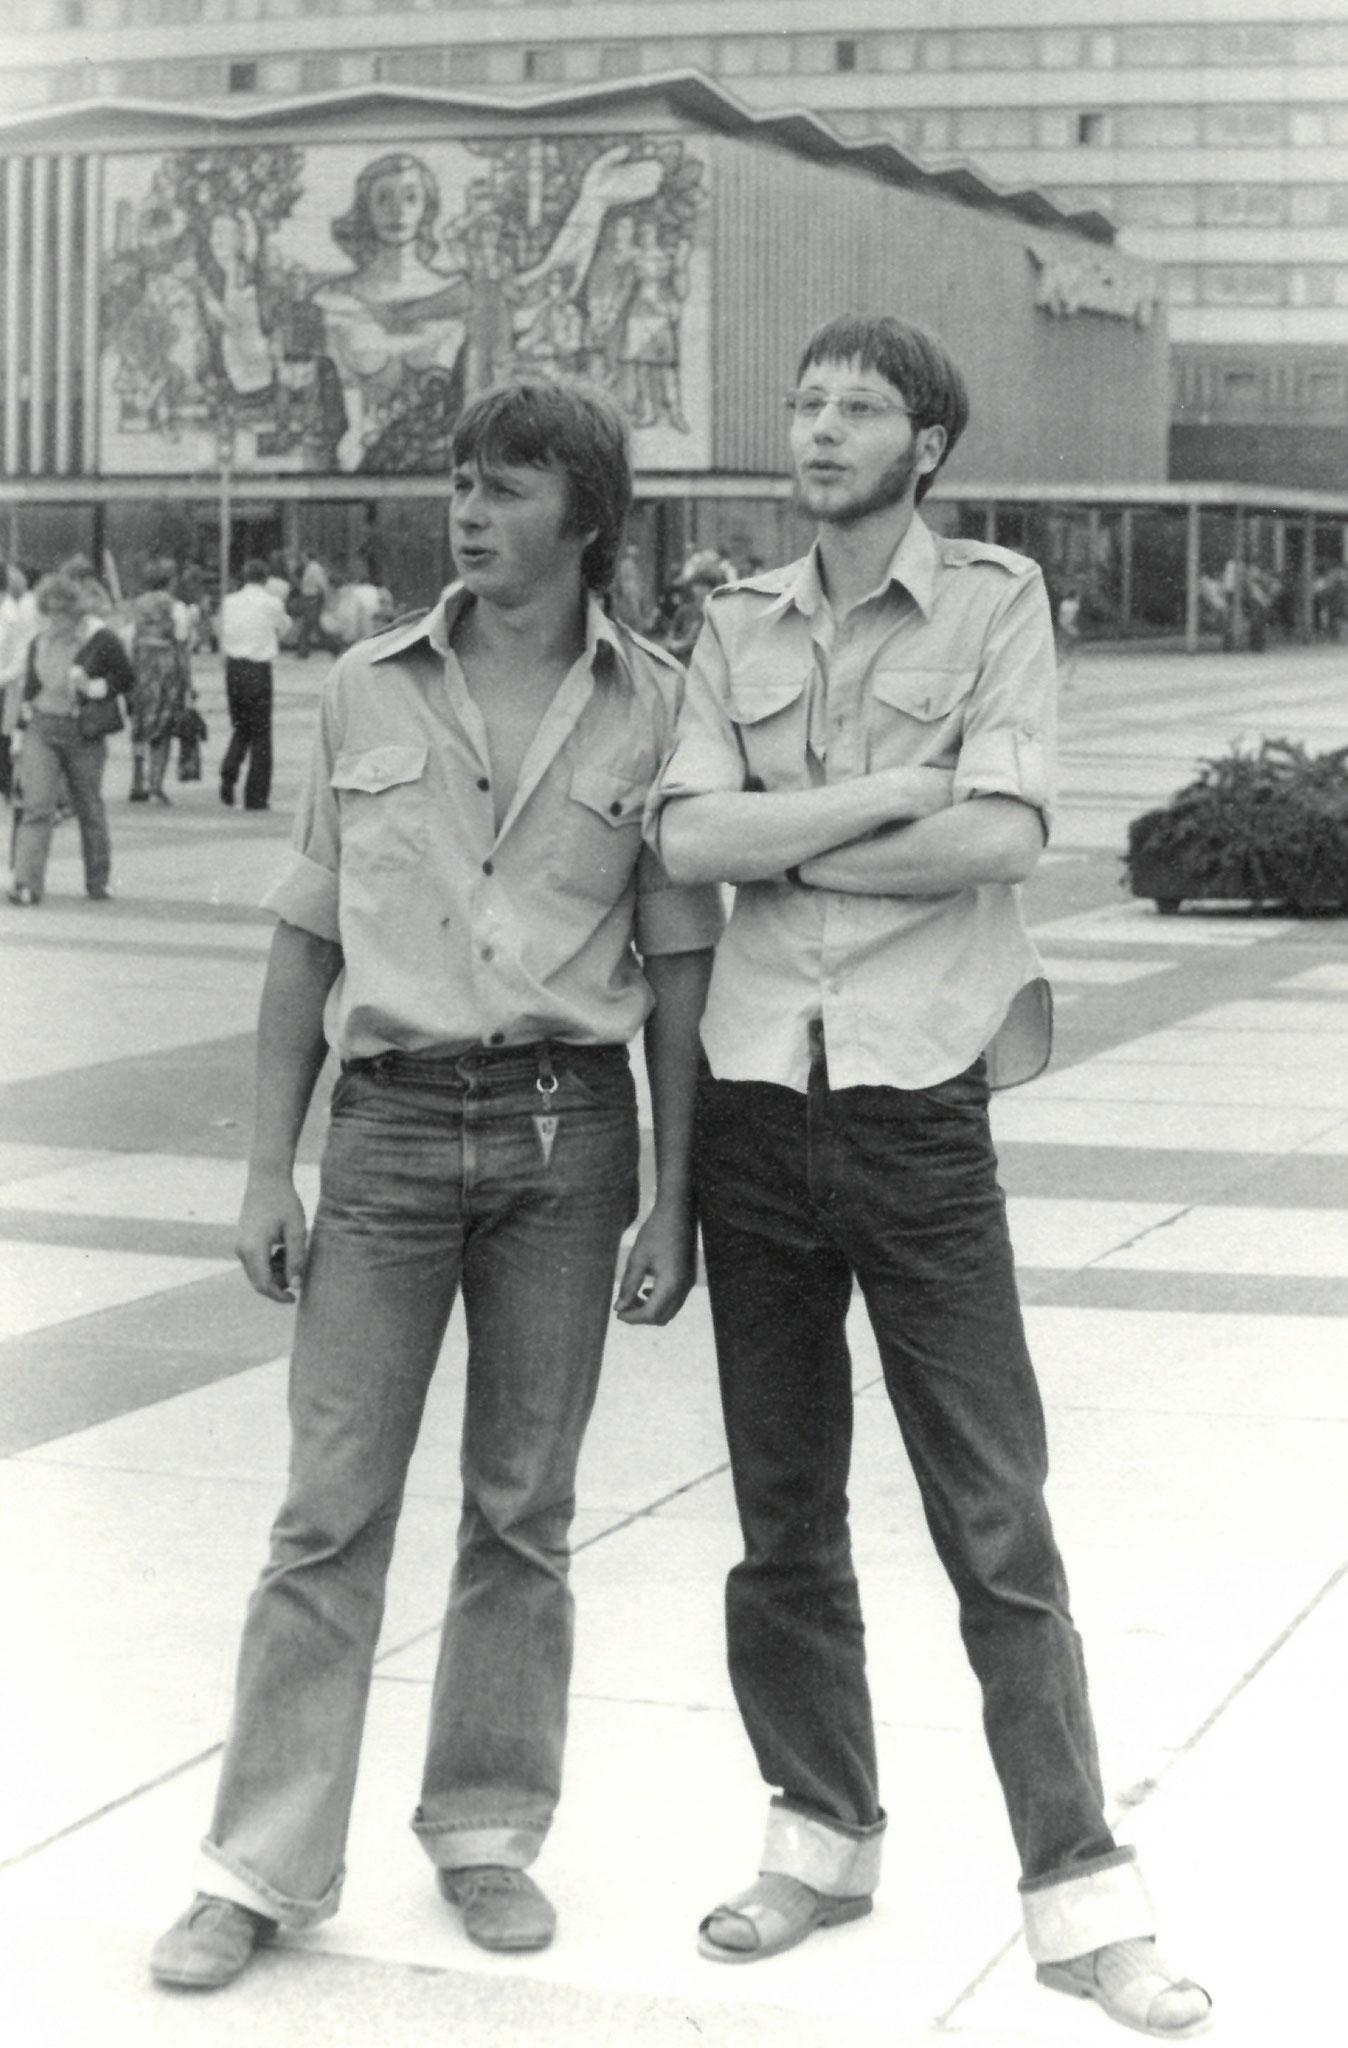 Mit Freund in Dresden - 1977